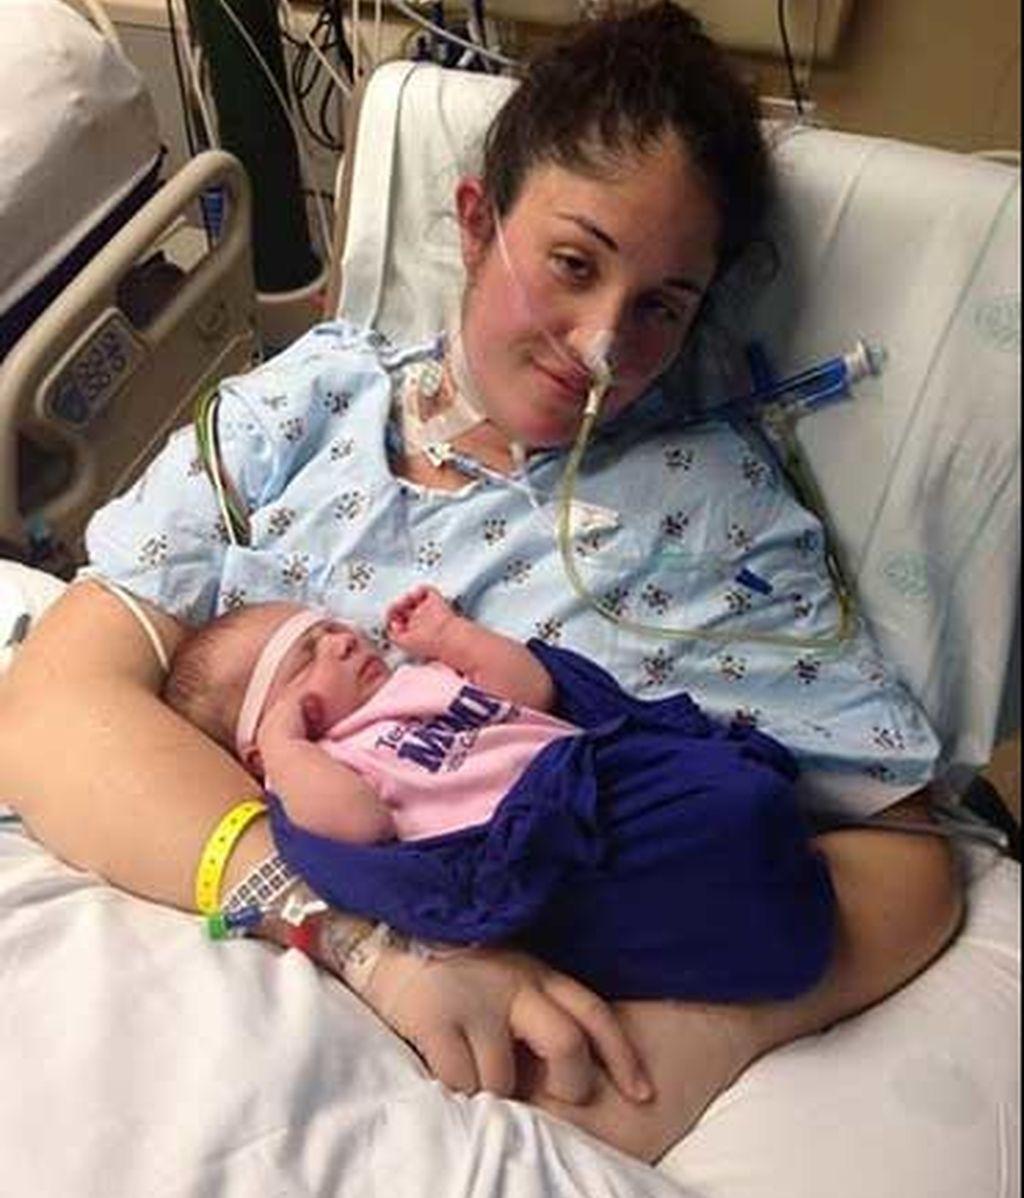 Una madre en coma despierta al oír el llanto de su bebé recien nacido